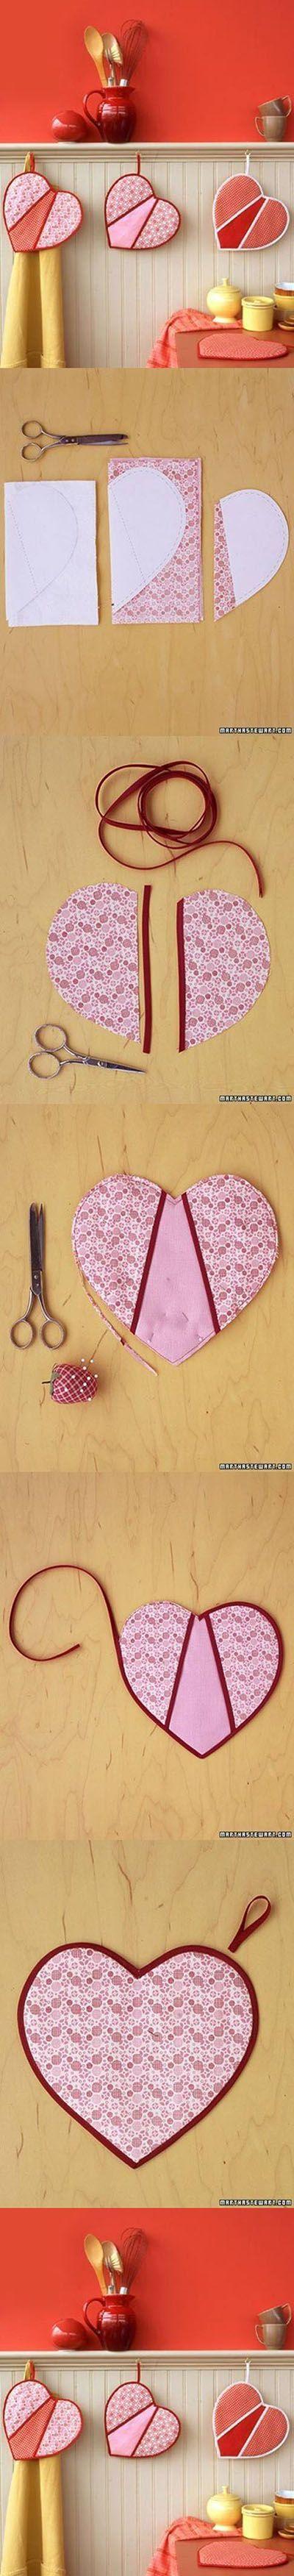 So Lovely Heart Craft | DIY & Crafts Tutorials